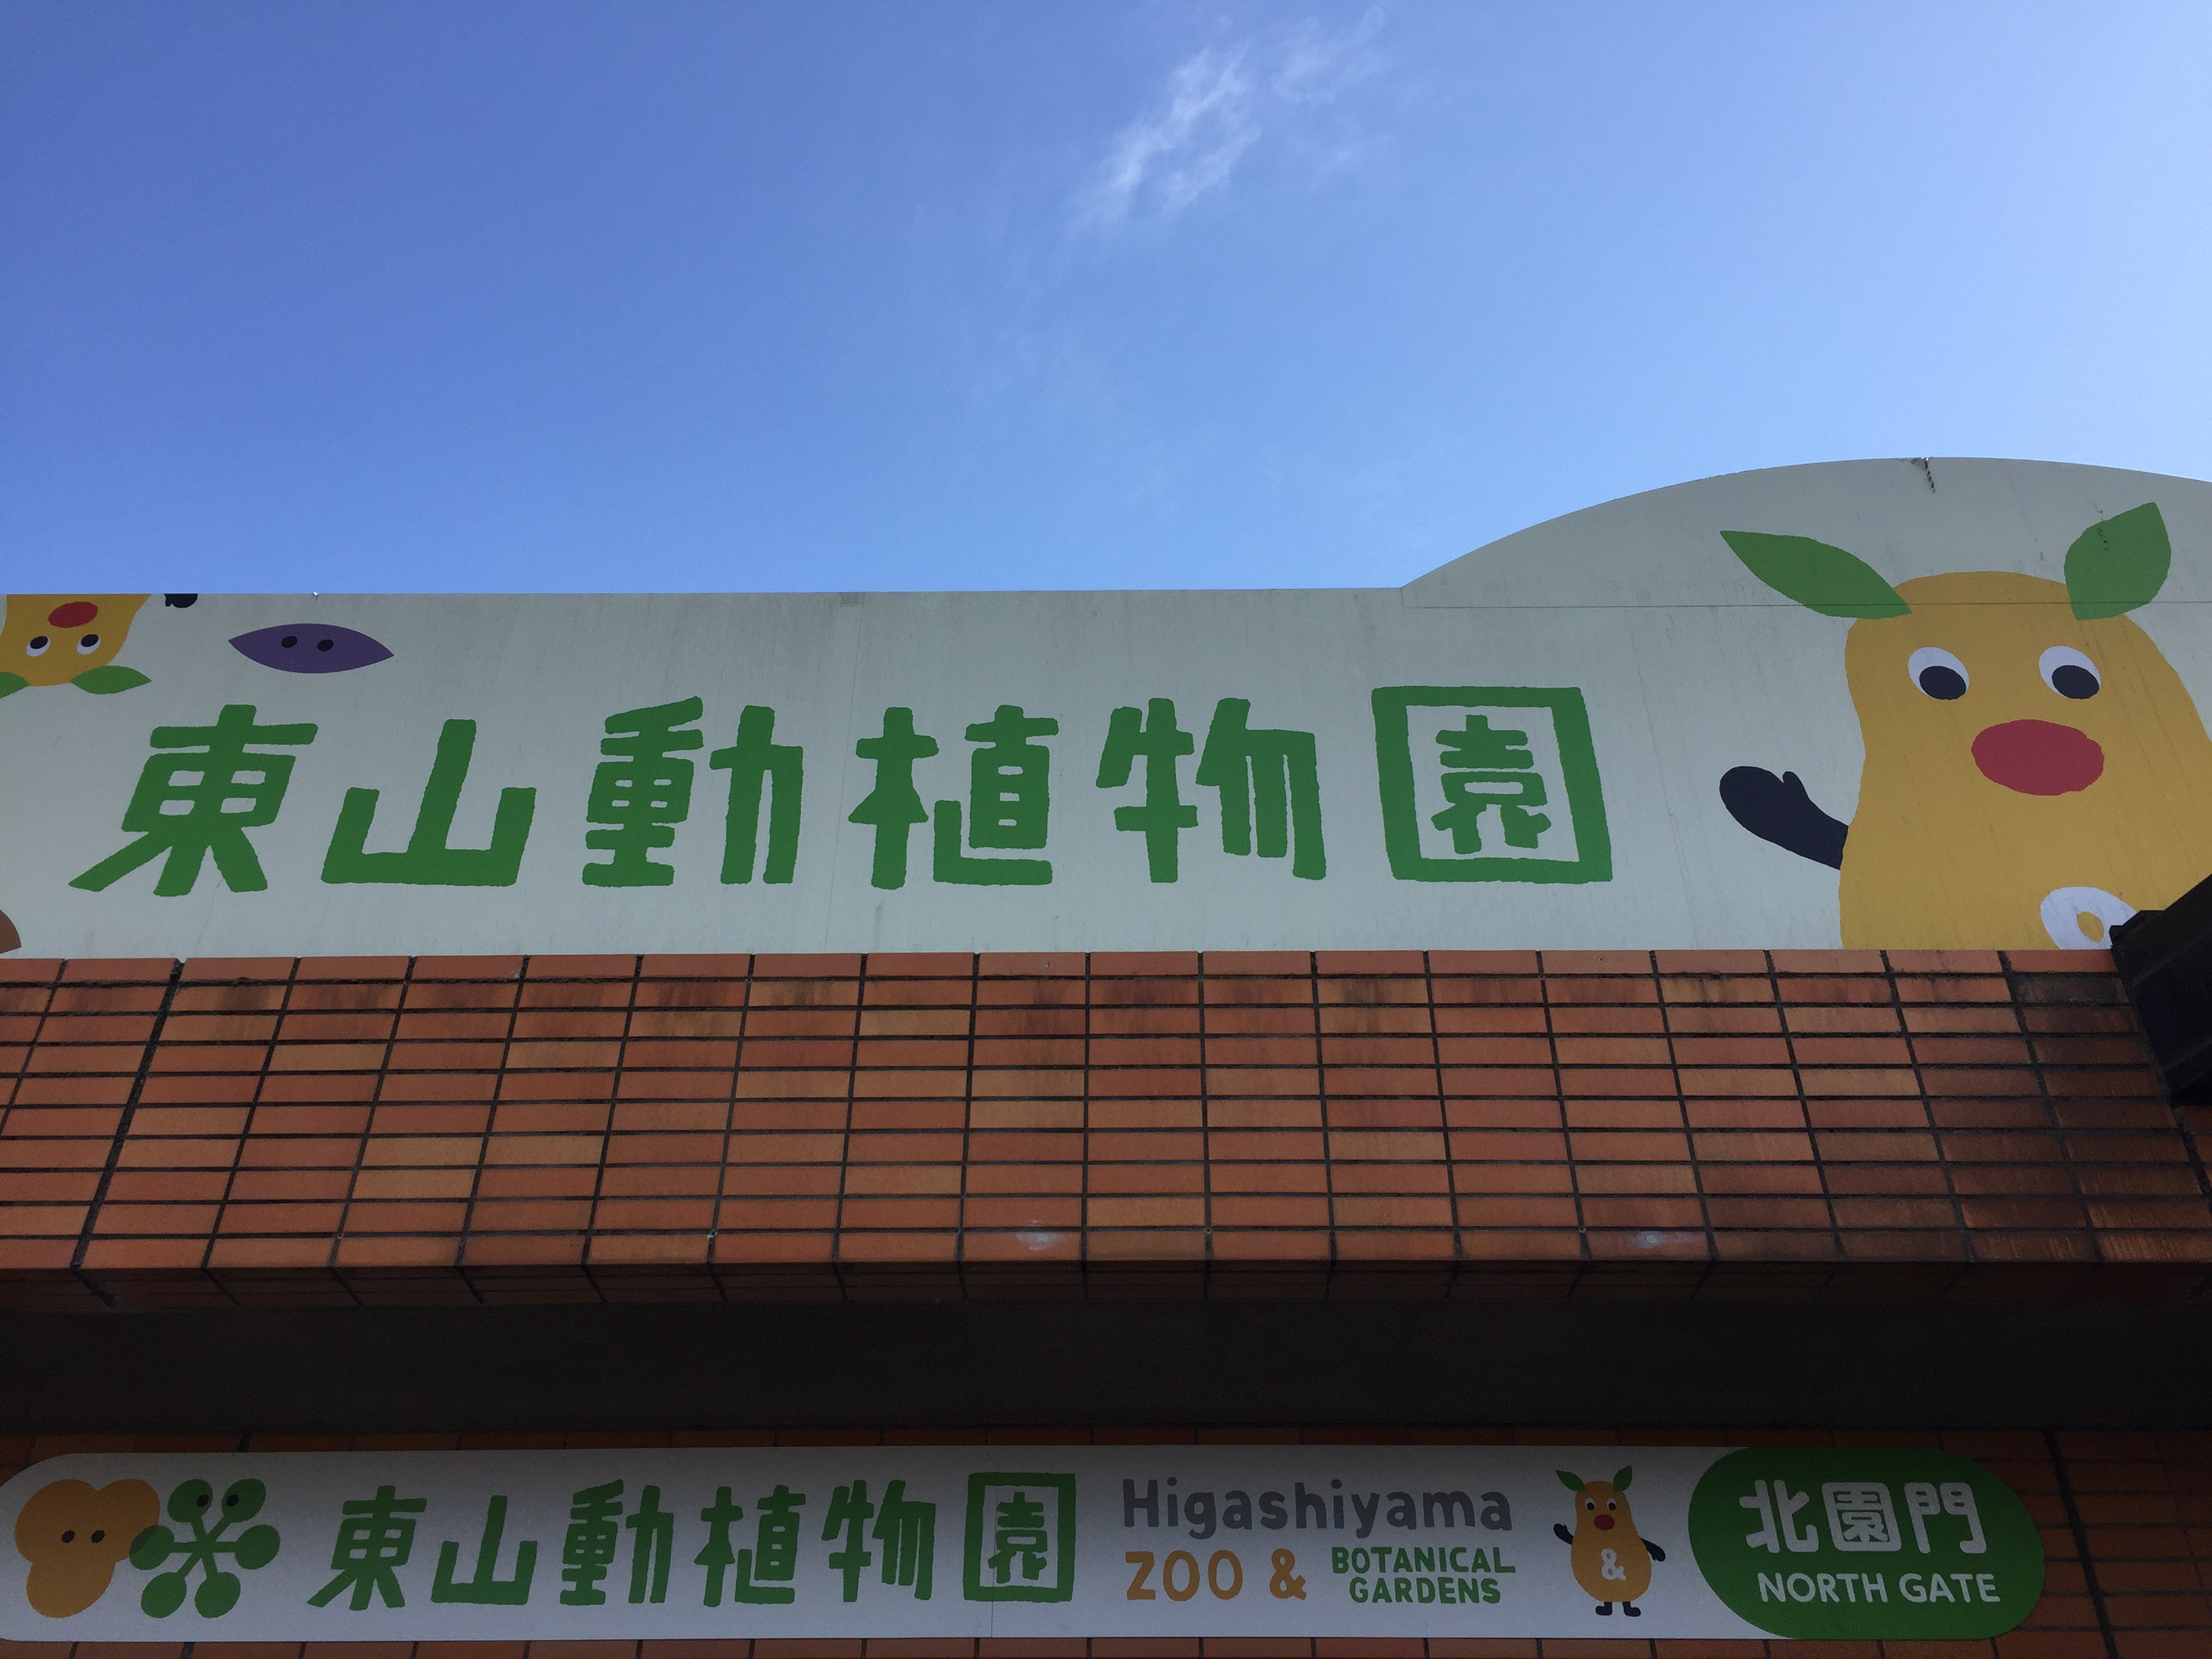 higashiyamazoopark